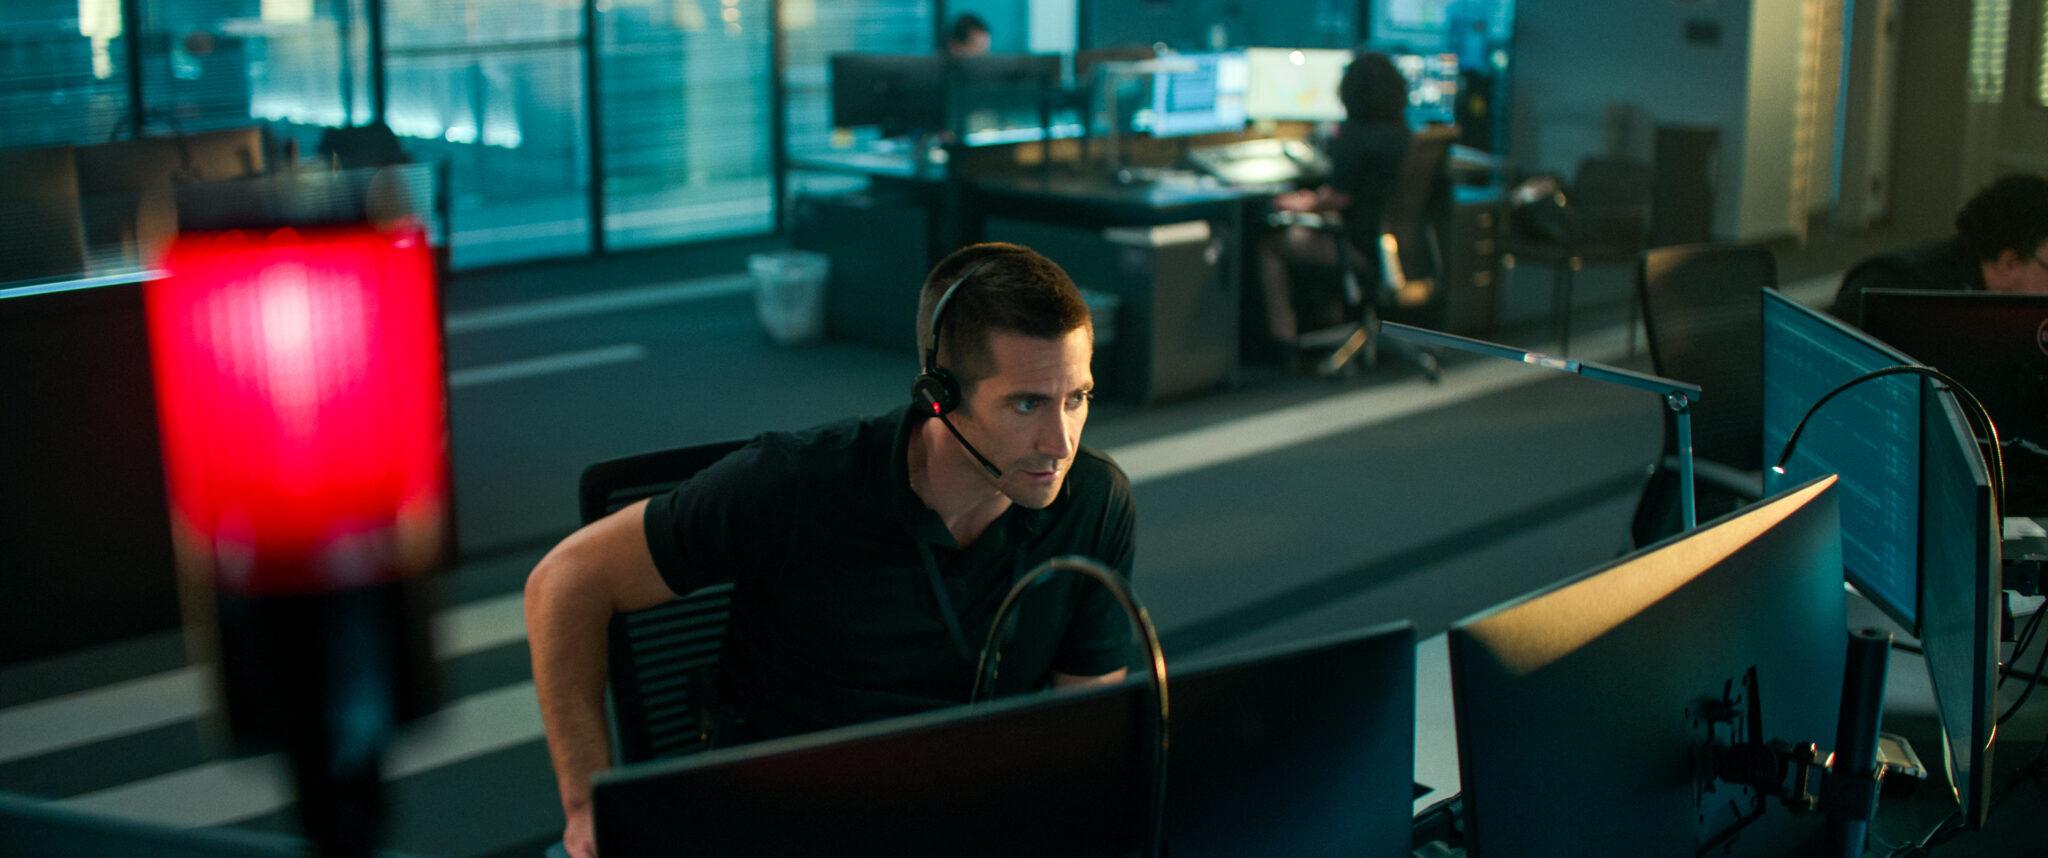 Jake Gyllenhaal mit Headset in einem Büro hinter drei Bildschirmen. Er trägt ein schwarzes Shirt. Vorn im Bild sieht man eine rote Leuchte.